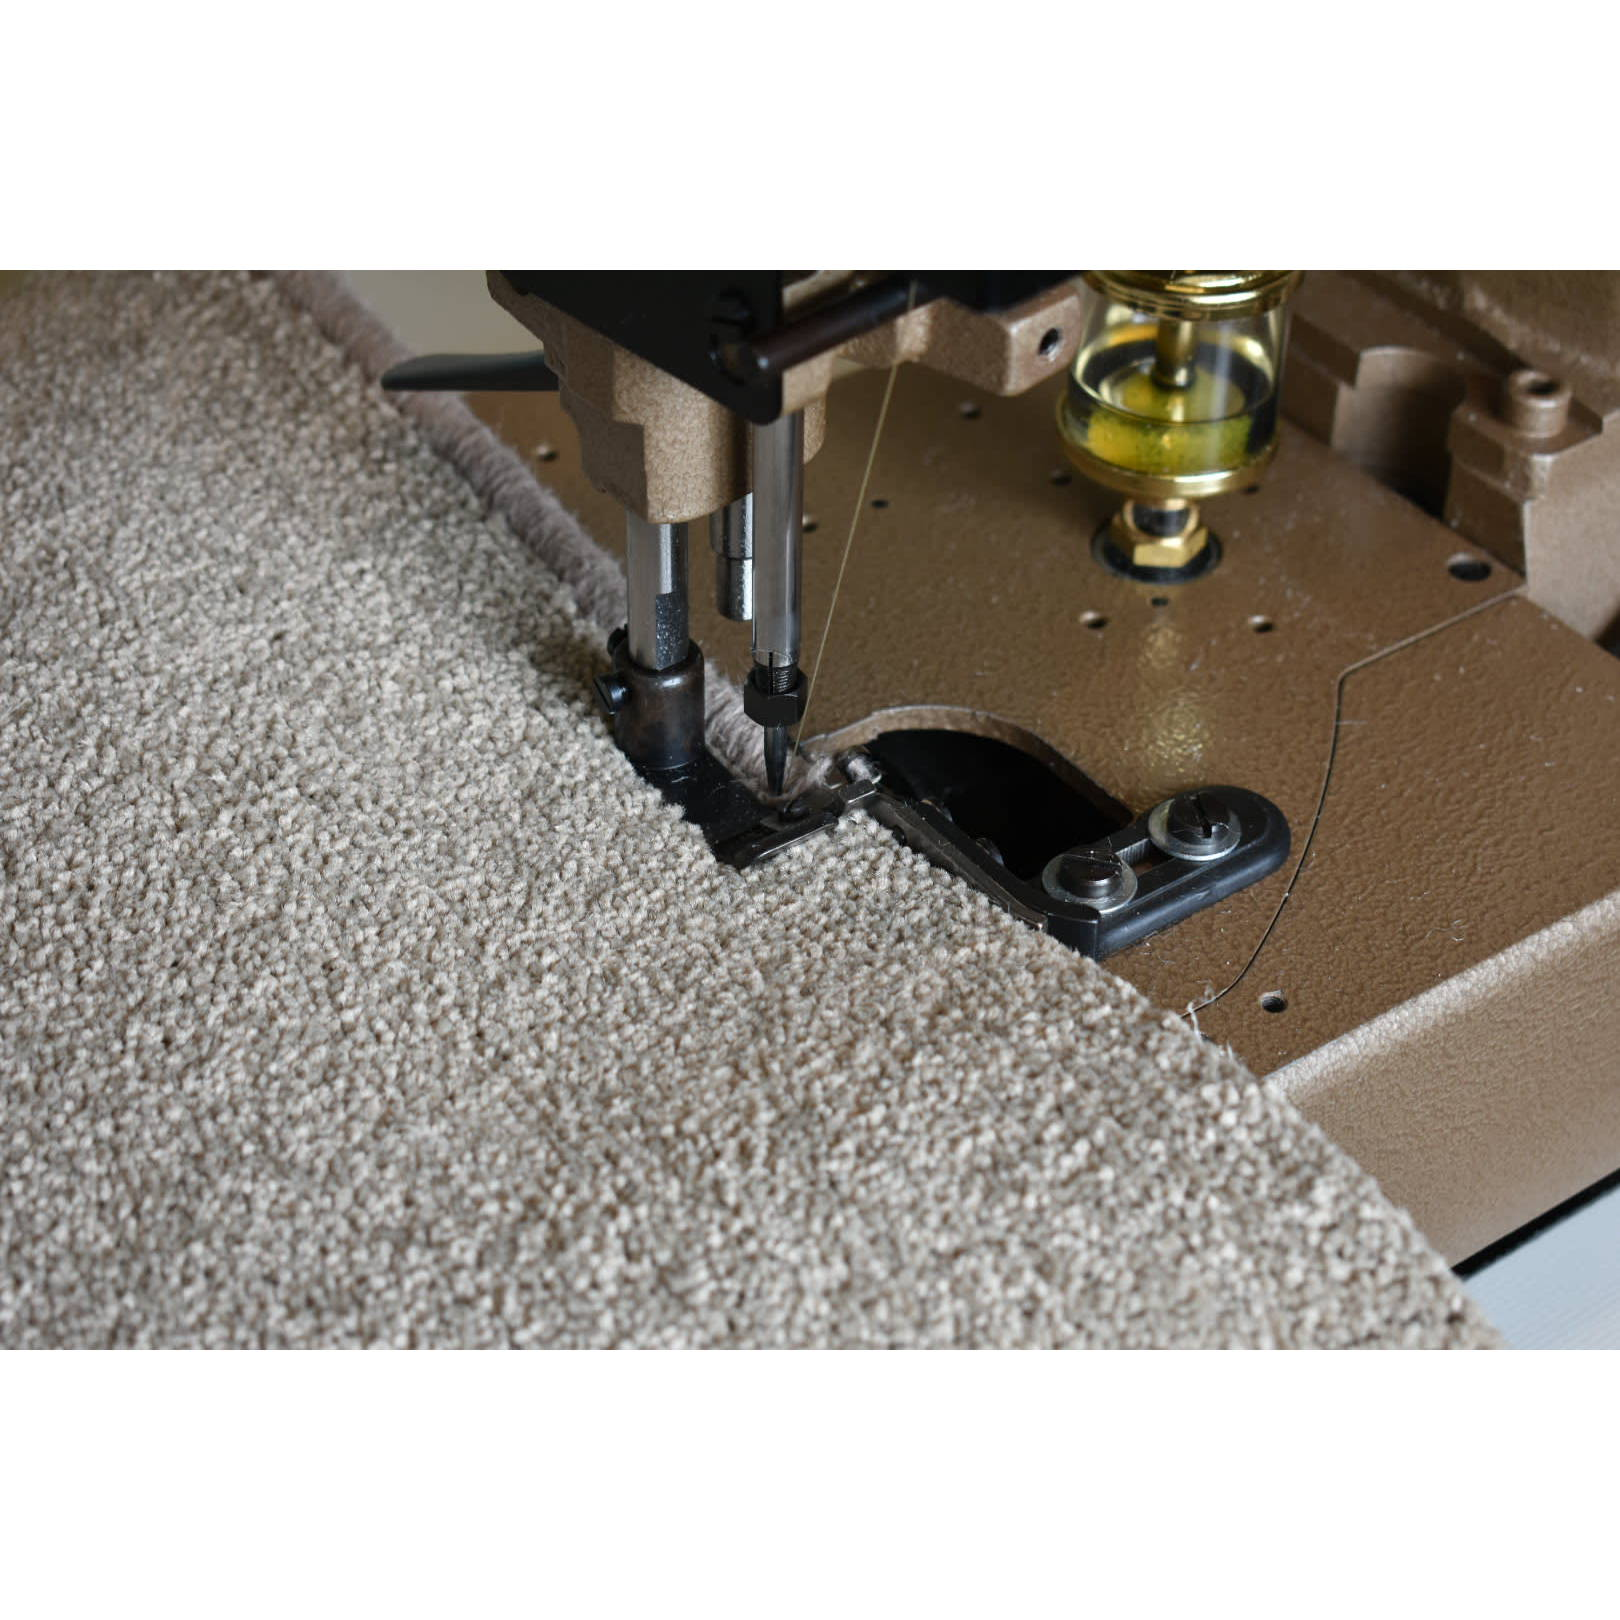 DM Carpet Edging - Ledbury, Herefordshire HR8 1SU - 01531 633609 | ShowMeLocal.com